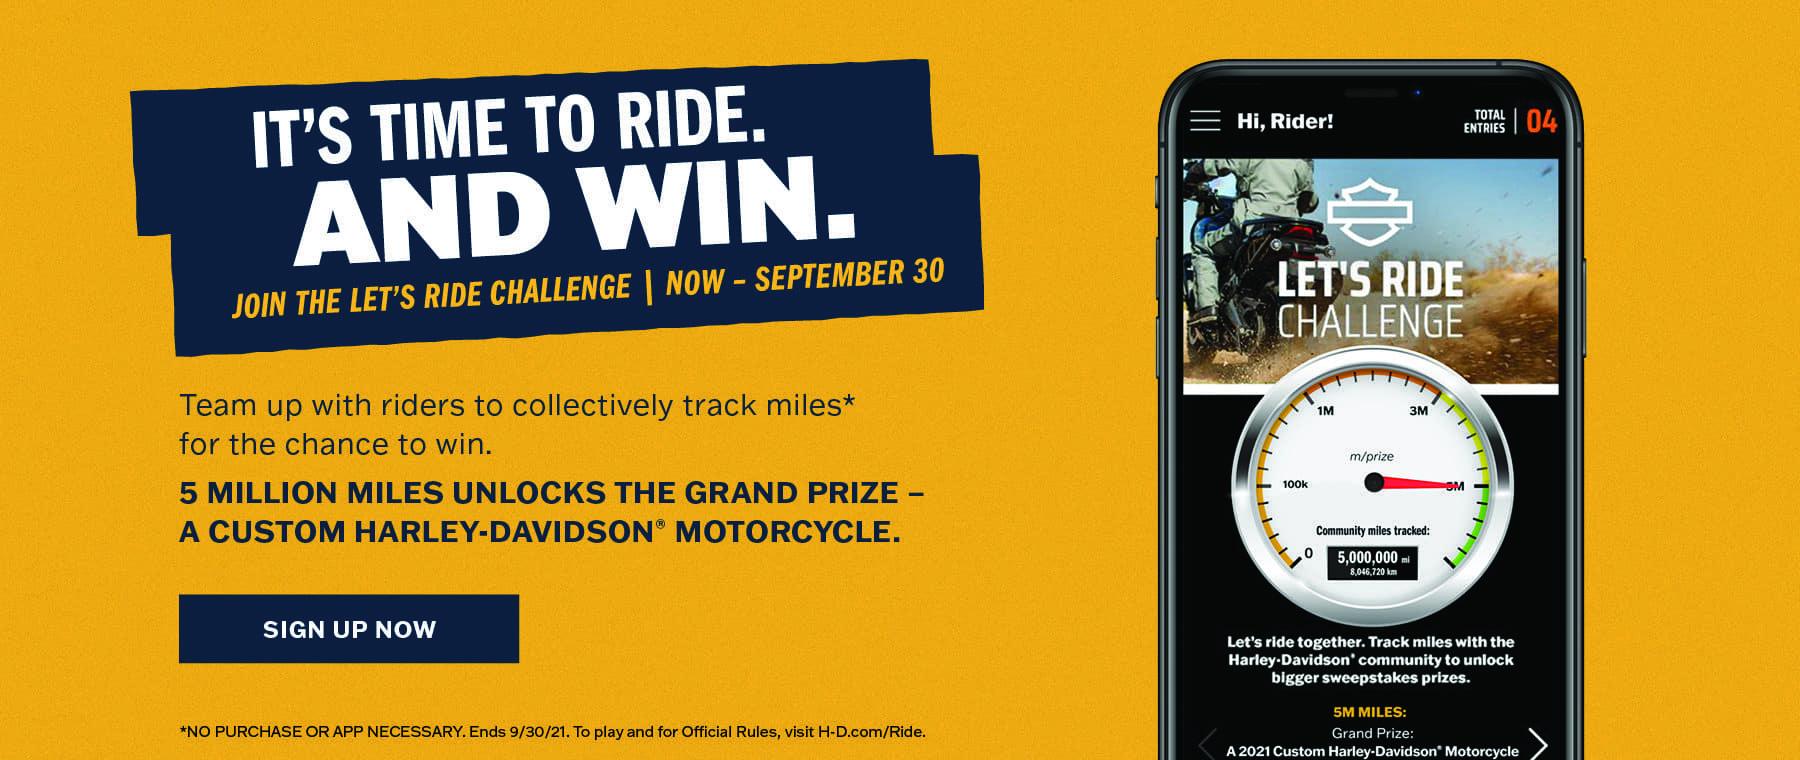 lets ride challenge 1800×760 web banner 2